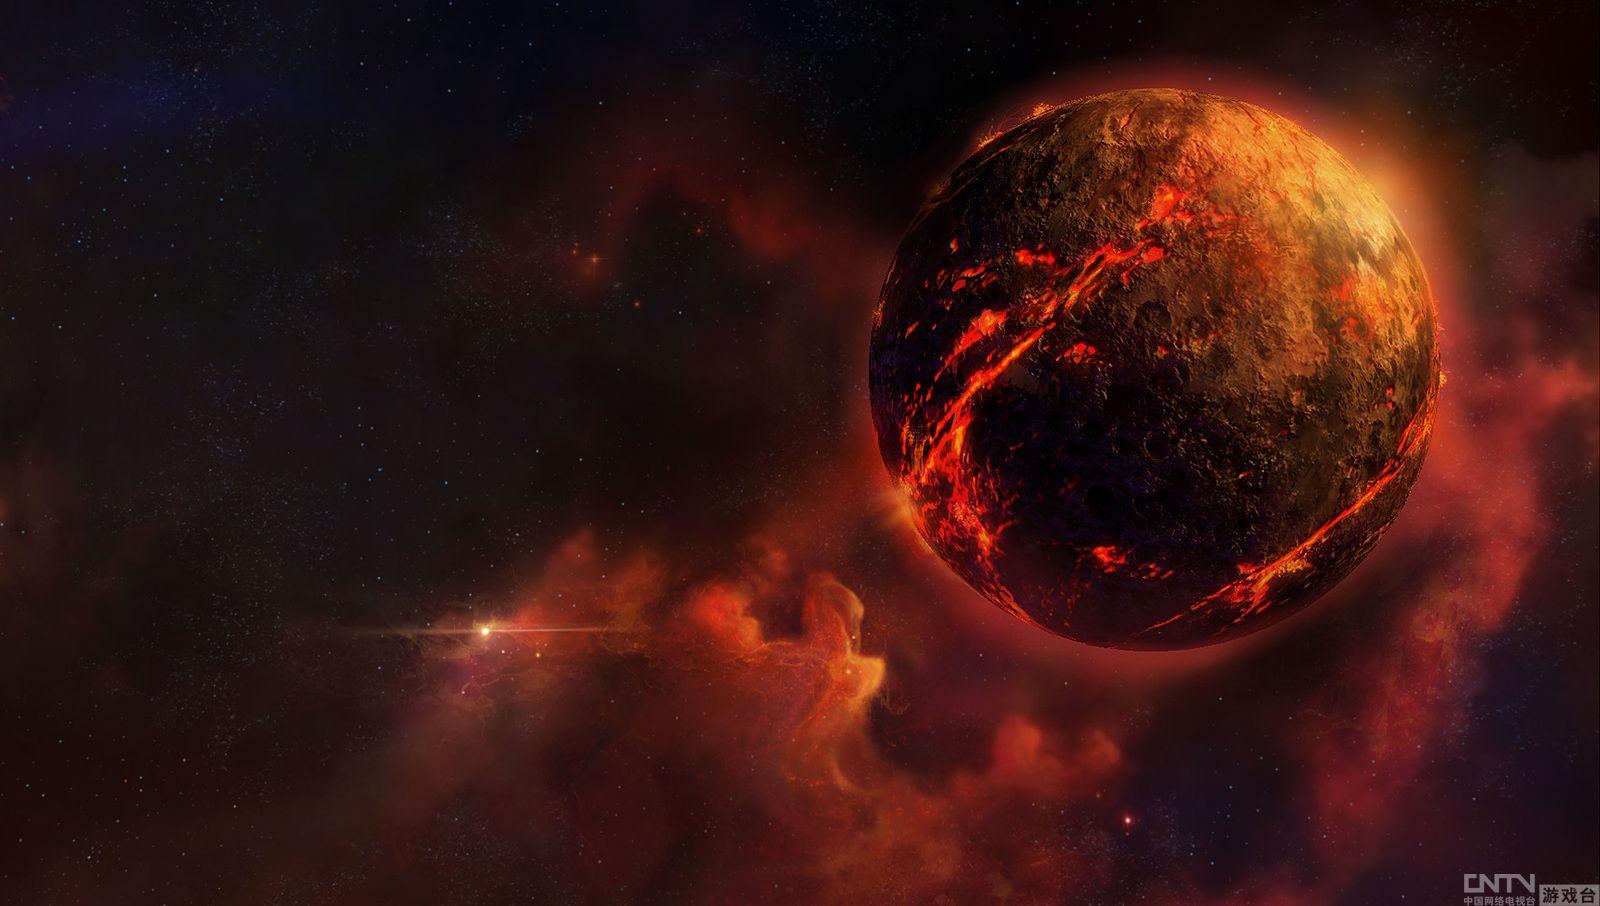 《星际争霸2》游戏原画壁纸图赏_电竞美图_游戏_央视